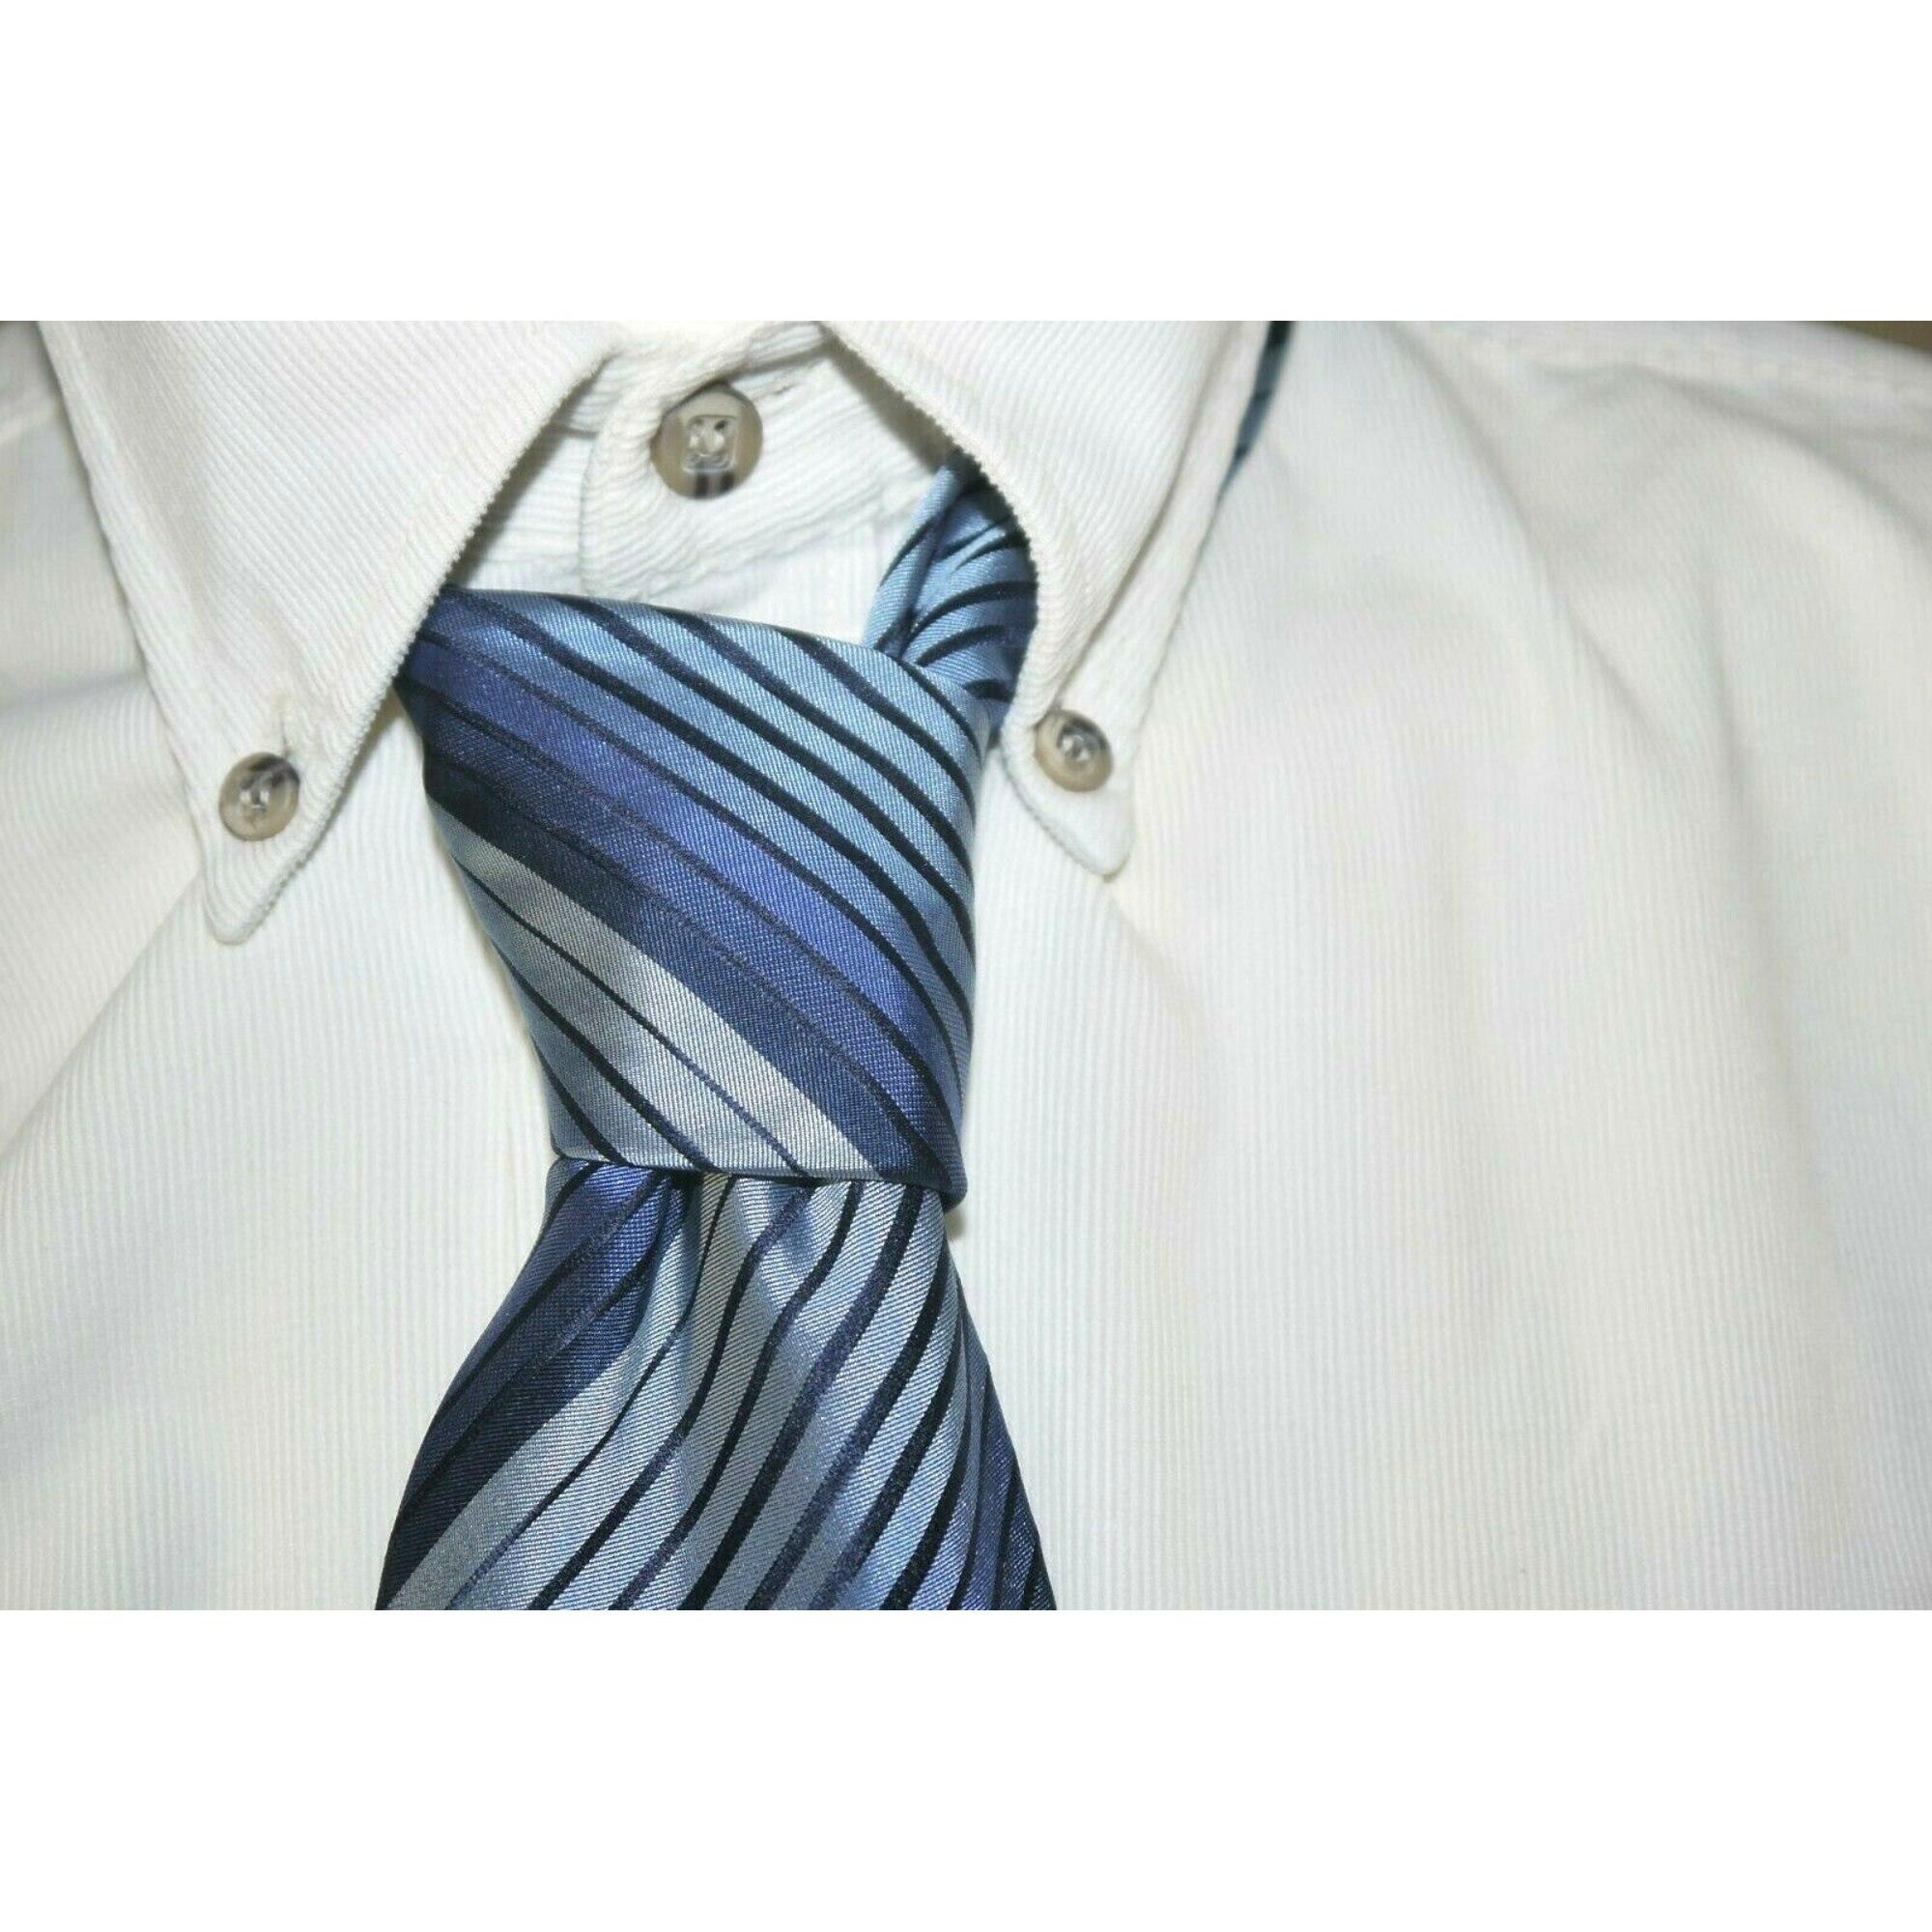 Cravate JEAN LOUIS SCHERRER Bleu, bleu marine, bleu turquoise